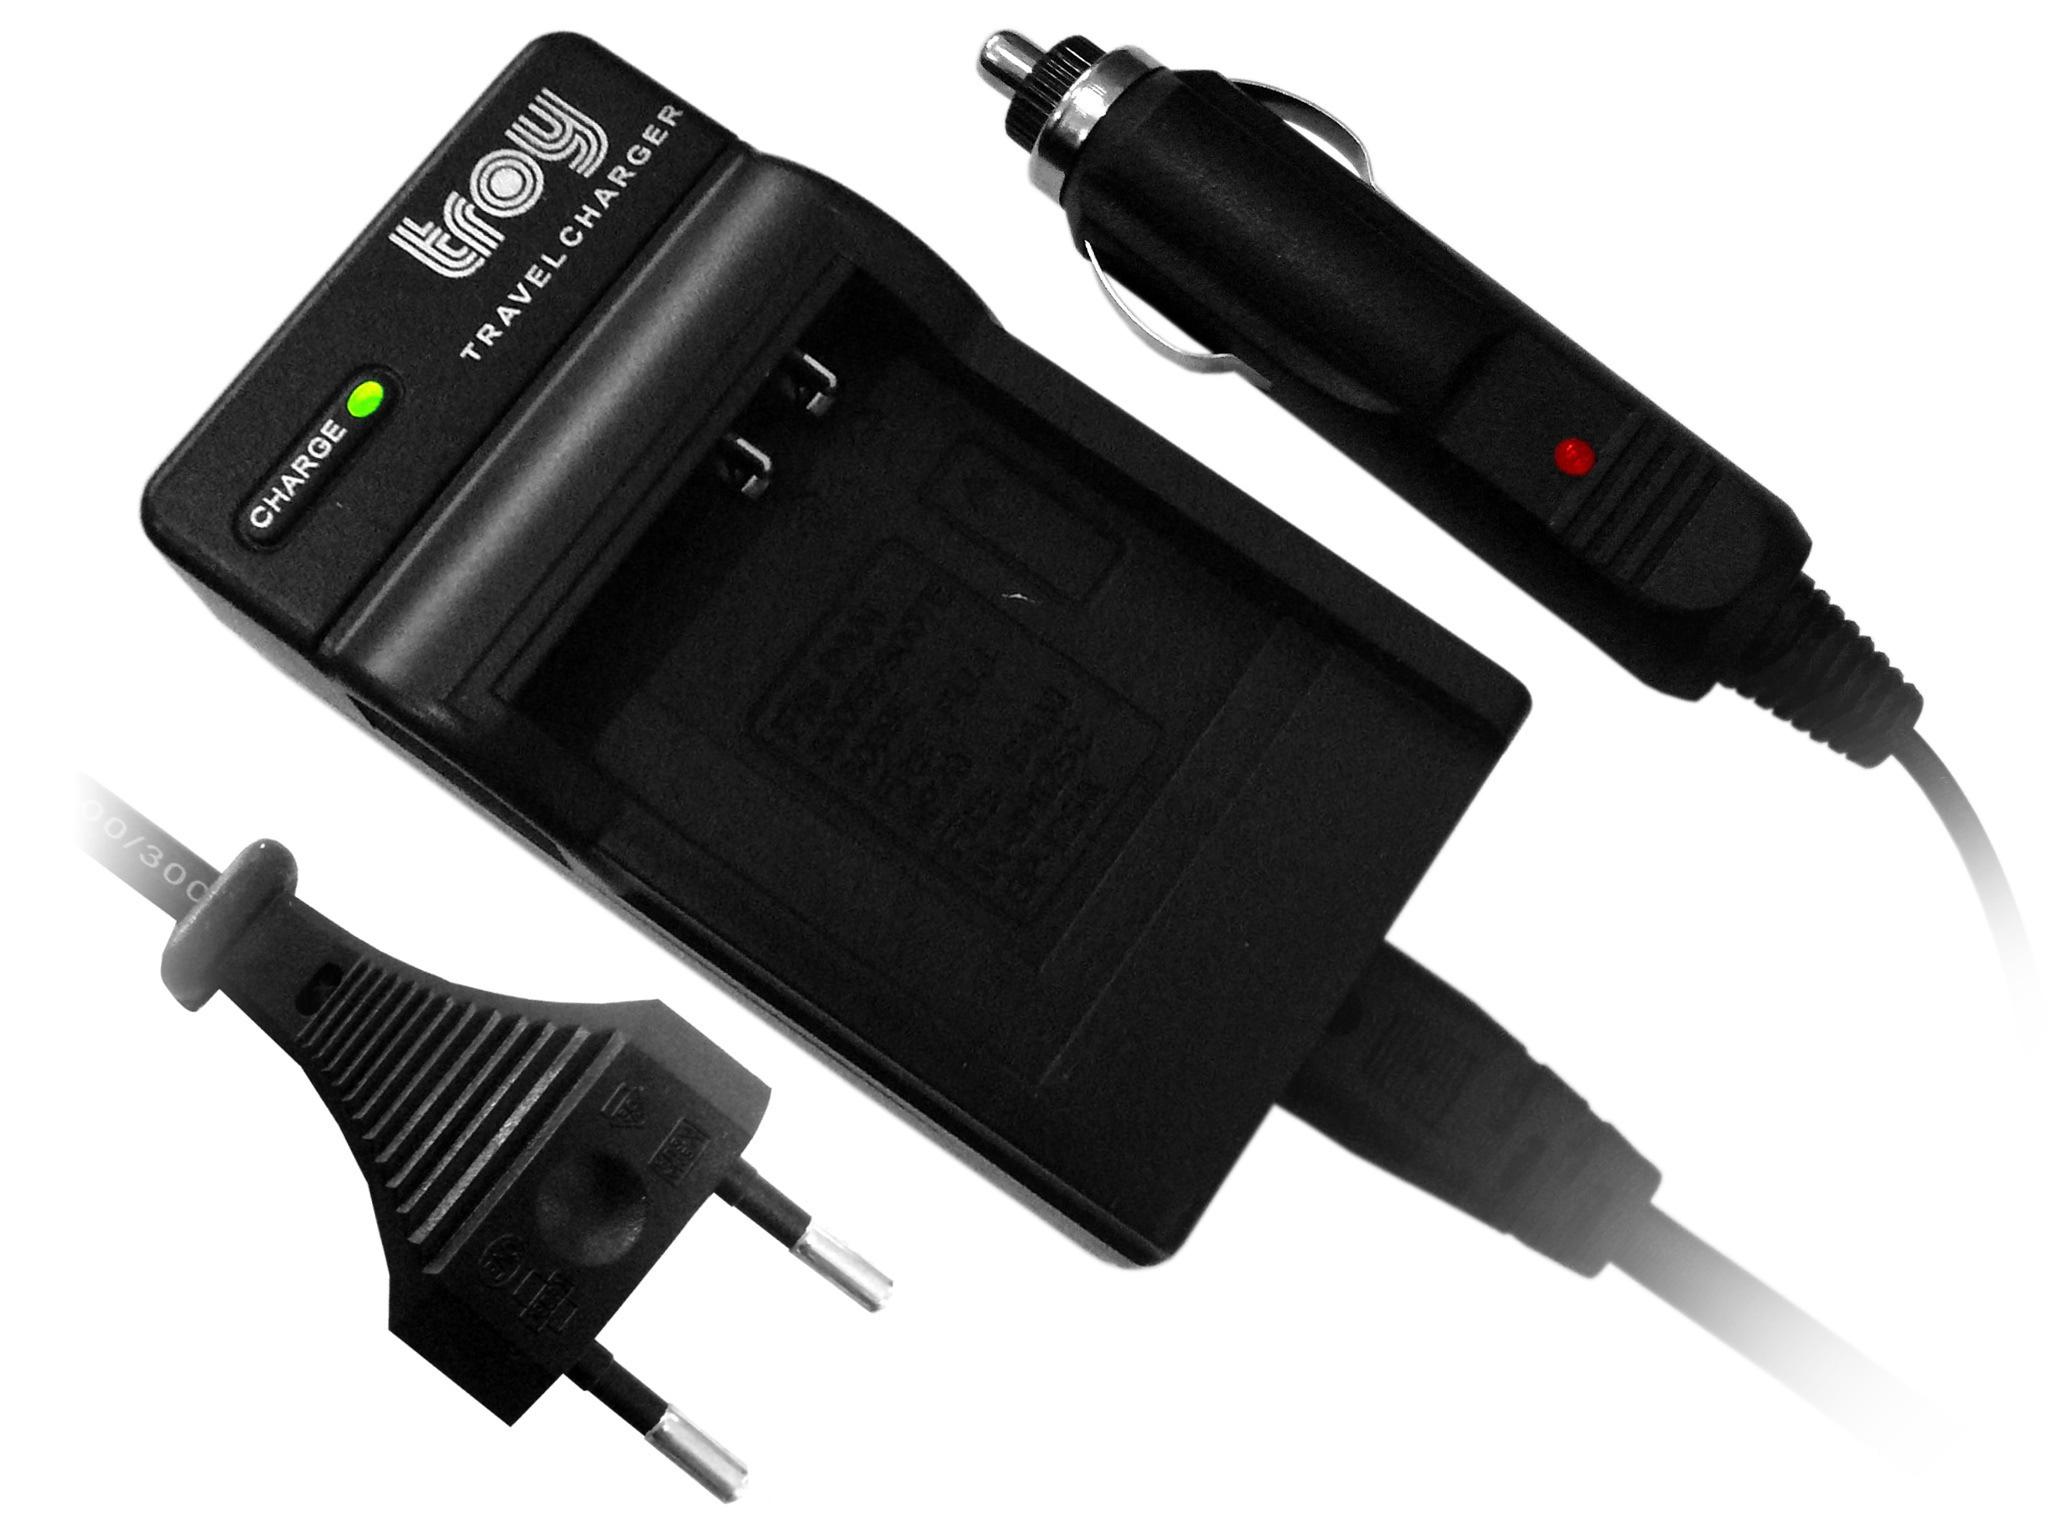 Troy Kompakt-Ladegerät für Panasonic BLH7 passend für Lumix DMC-GM1 DMW-BLH7 DMC-GM5 GF7 DMC-GX800 DMC-LX15 Lumix DMW-BLH7